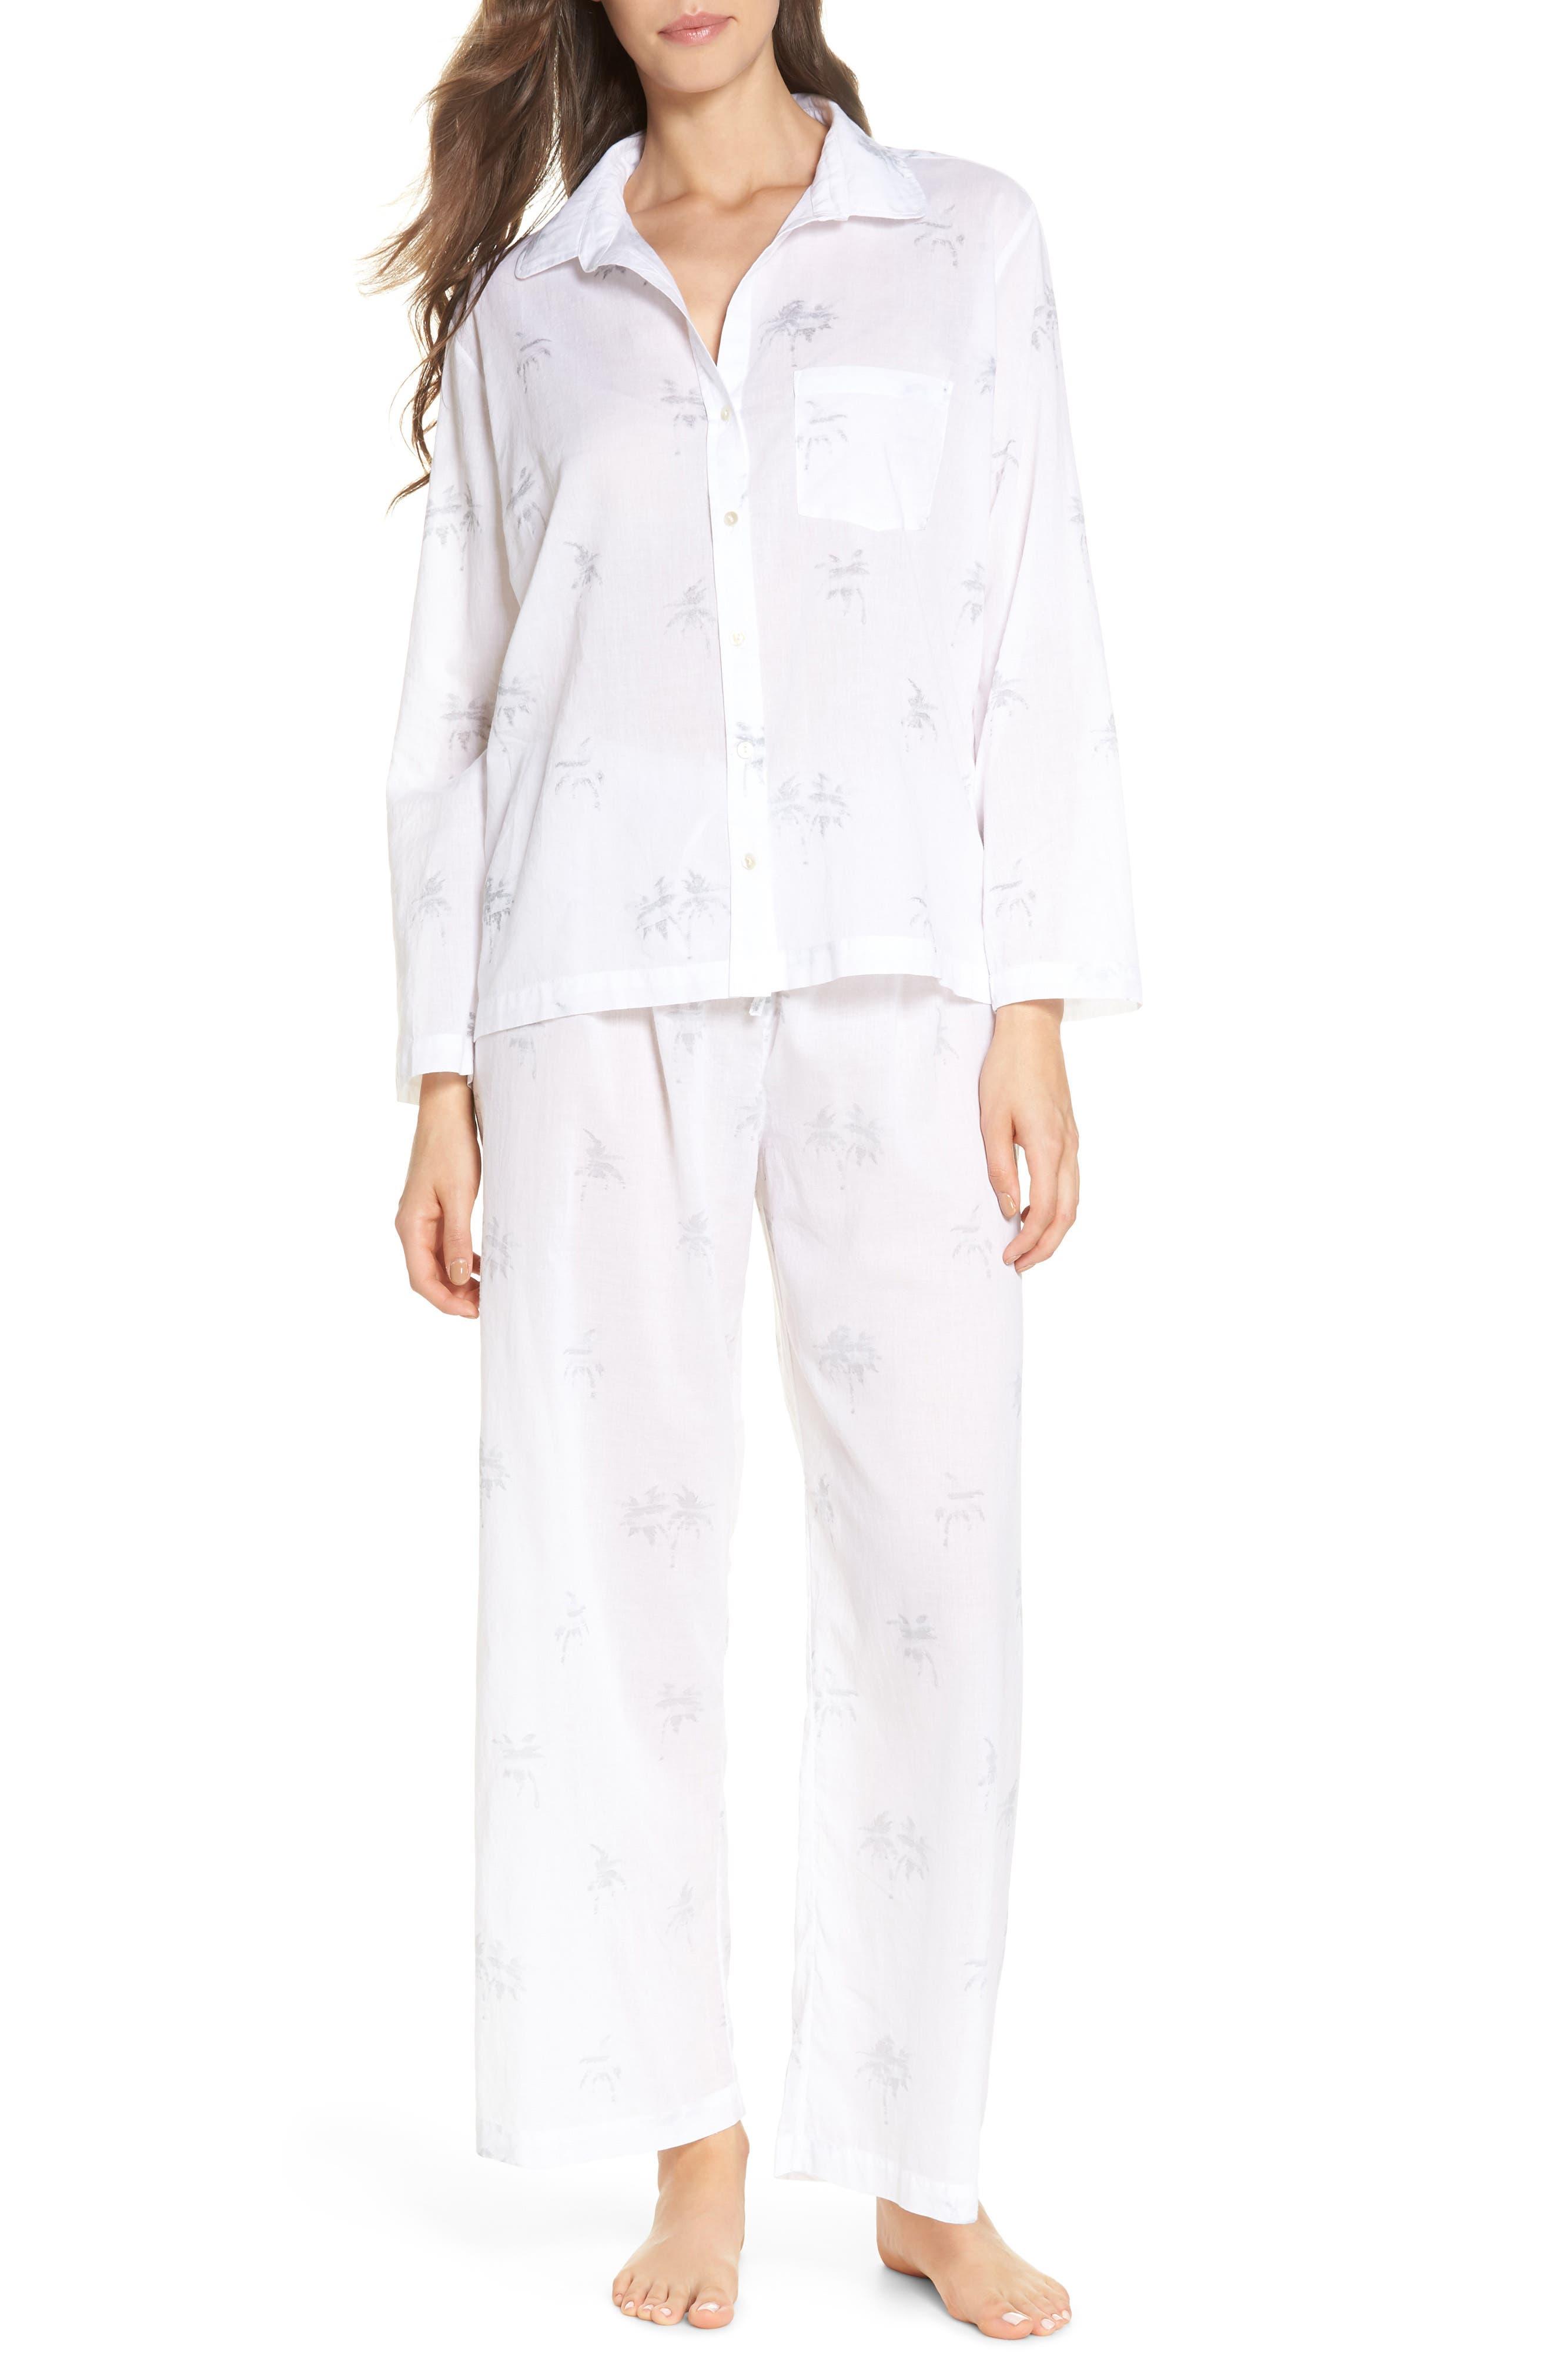 Palms Pajamas,                             Main thumbnail 1, color,                             Grey